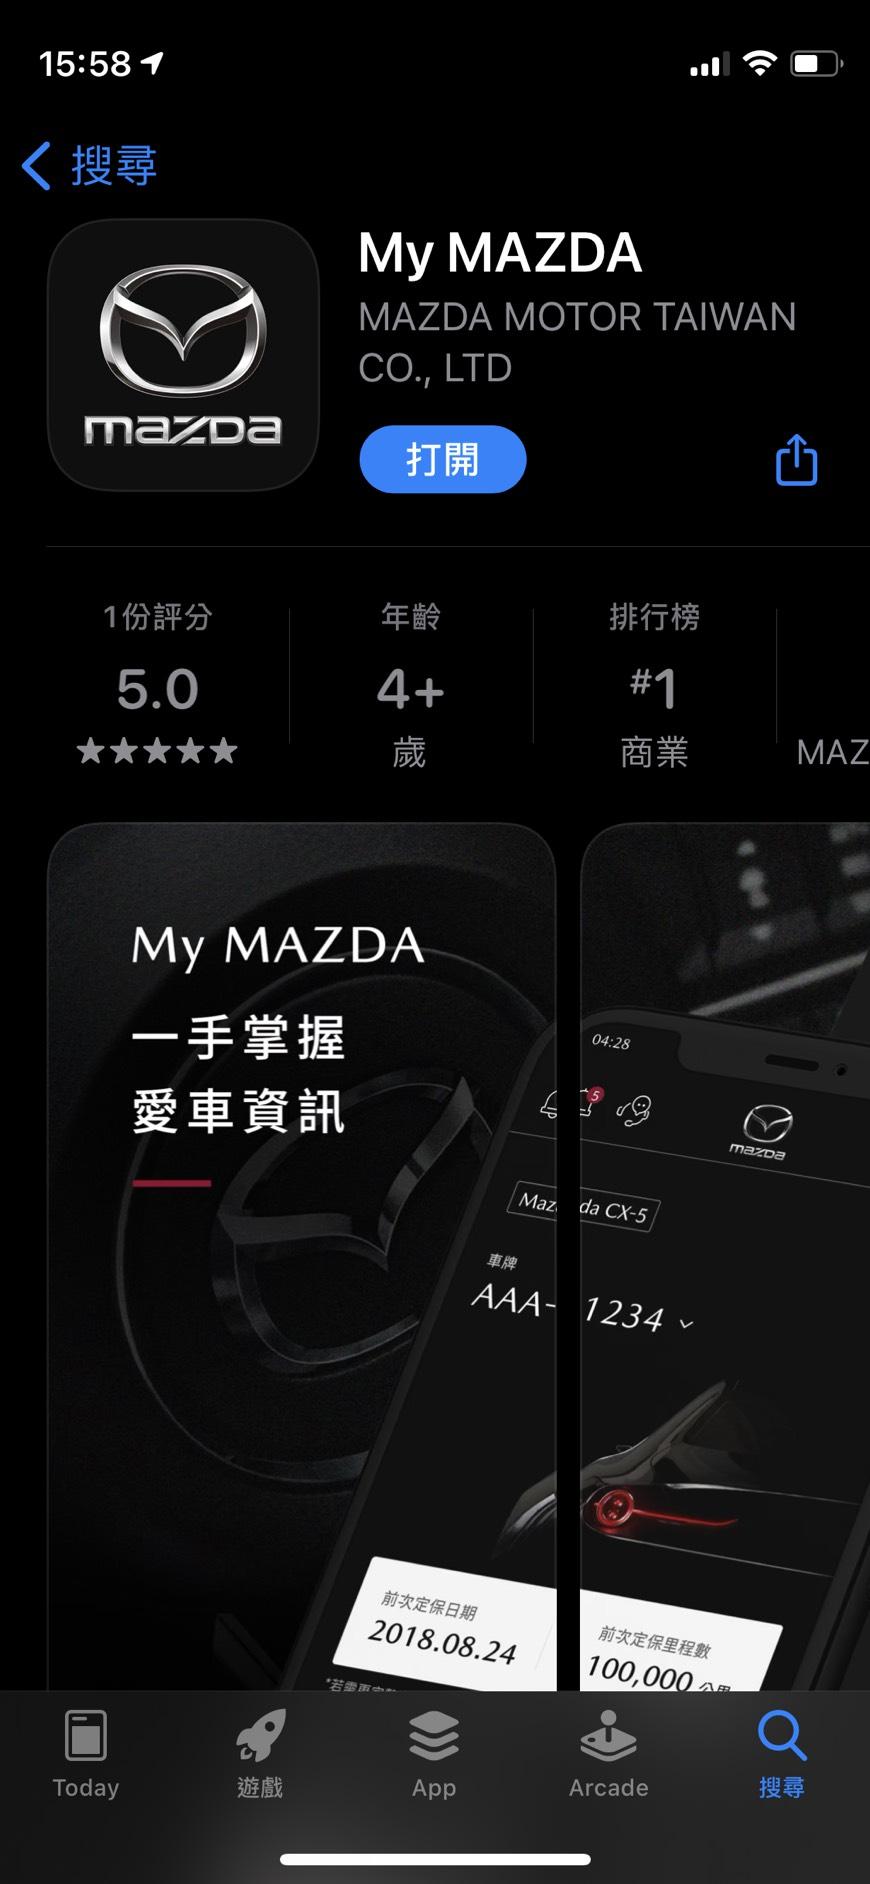 馬自達車主「My Mazda」快載起來! 預約保養享折扣、保養費預估、維修紀錄查詢,車輛資訊 一次掌握